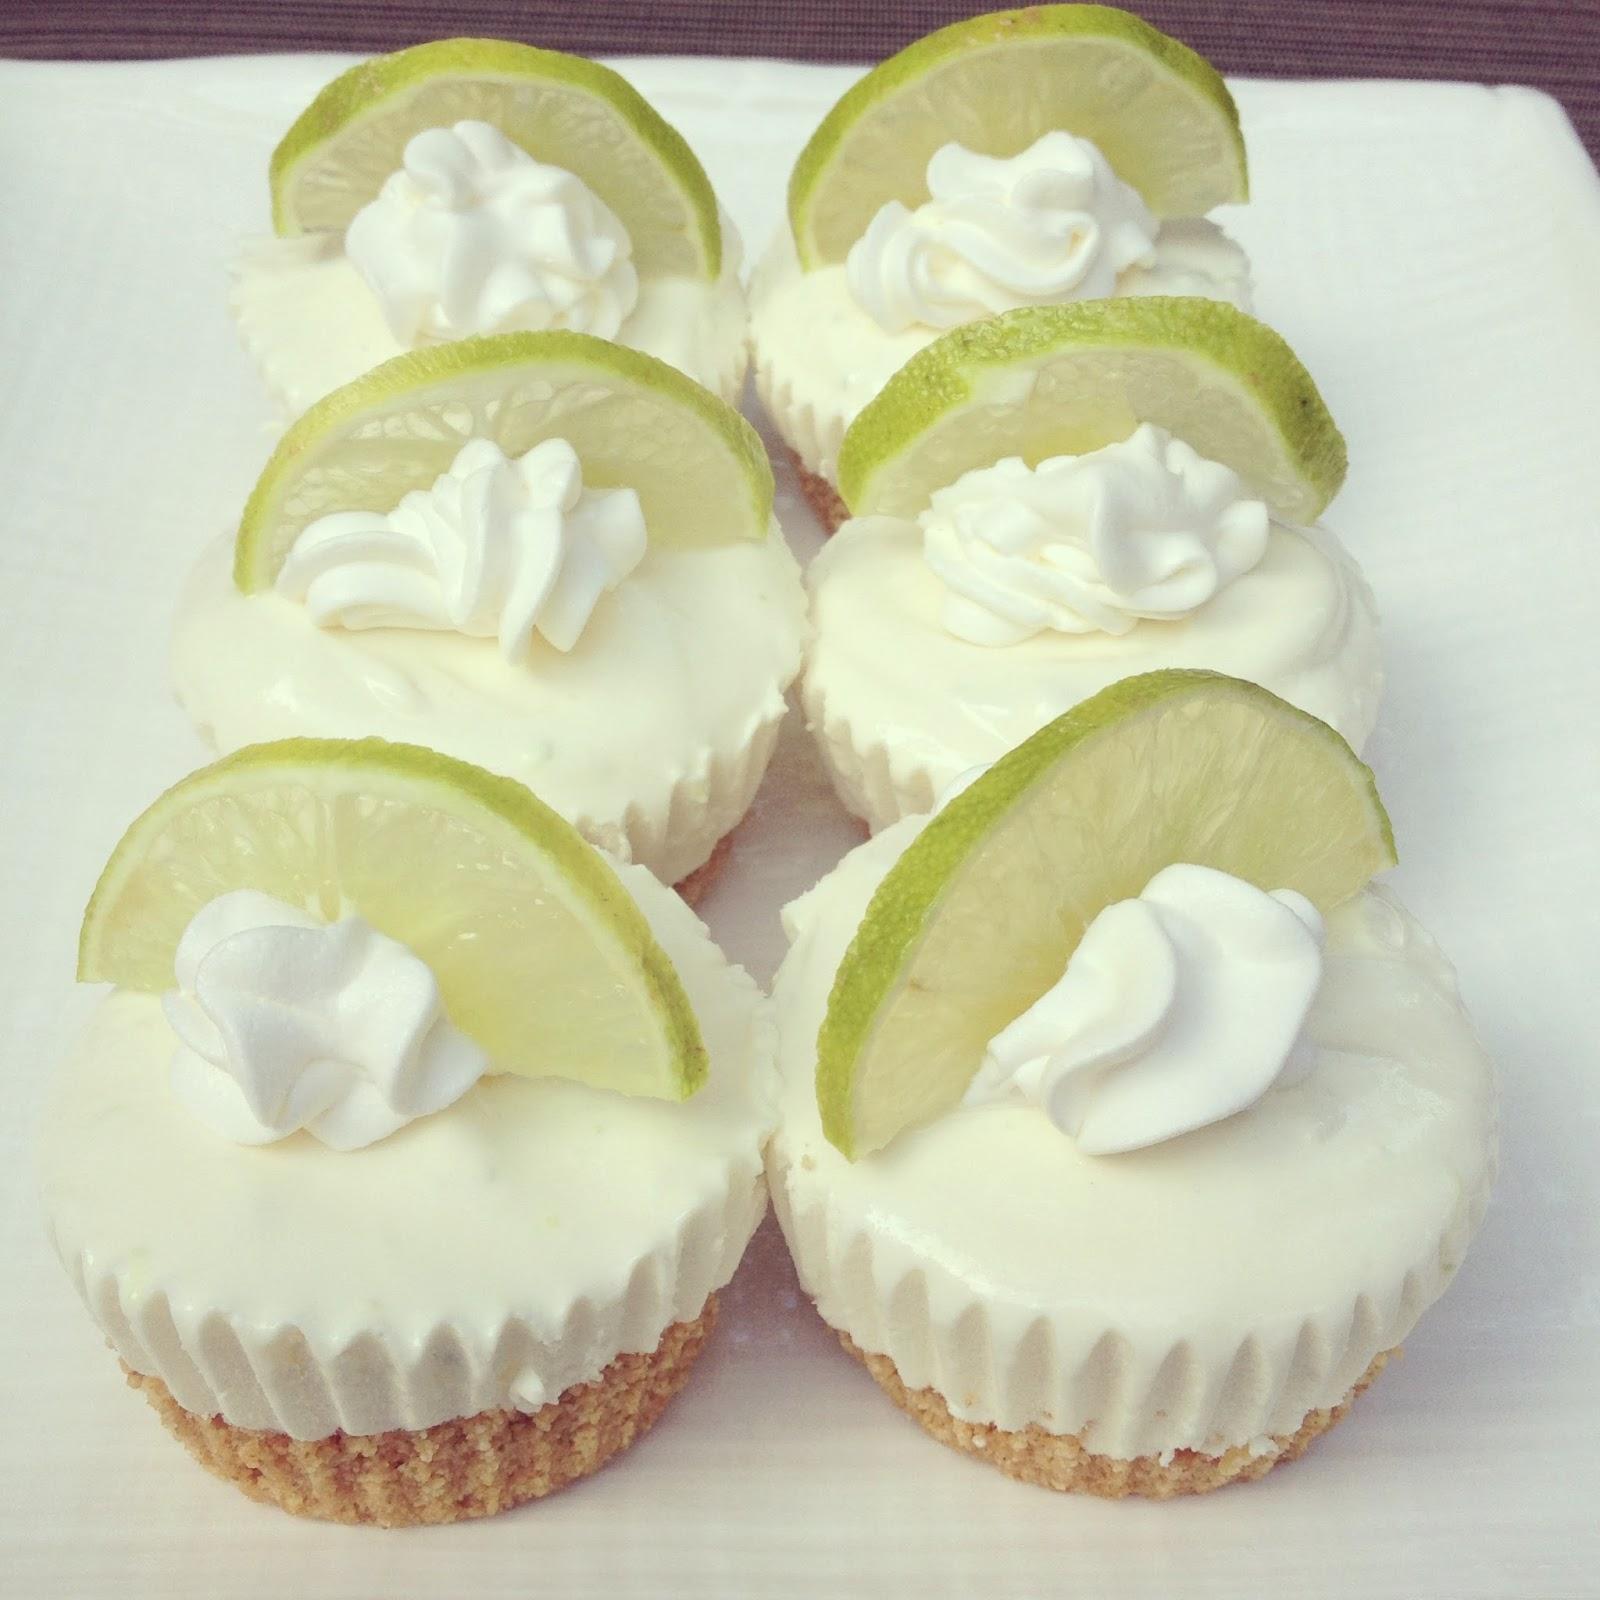 Key Lime Pie No-Bake Mini Cheesecakes